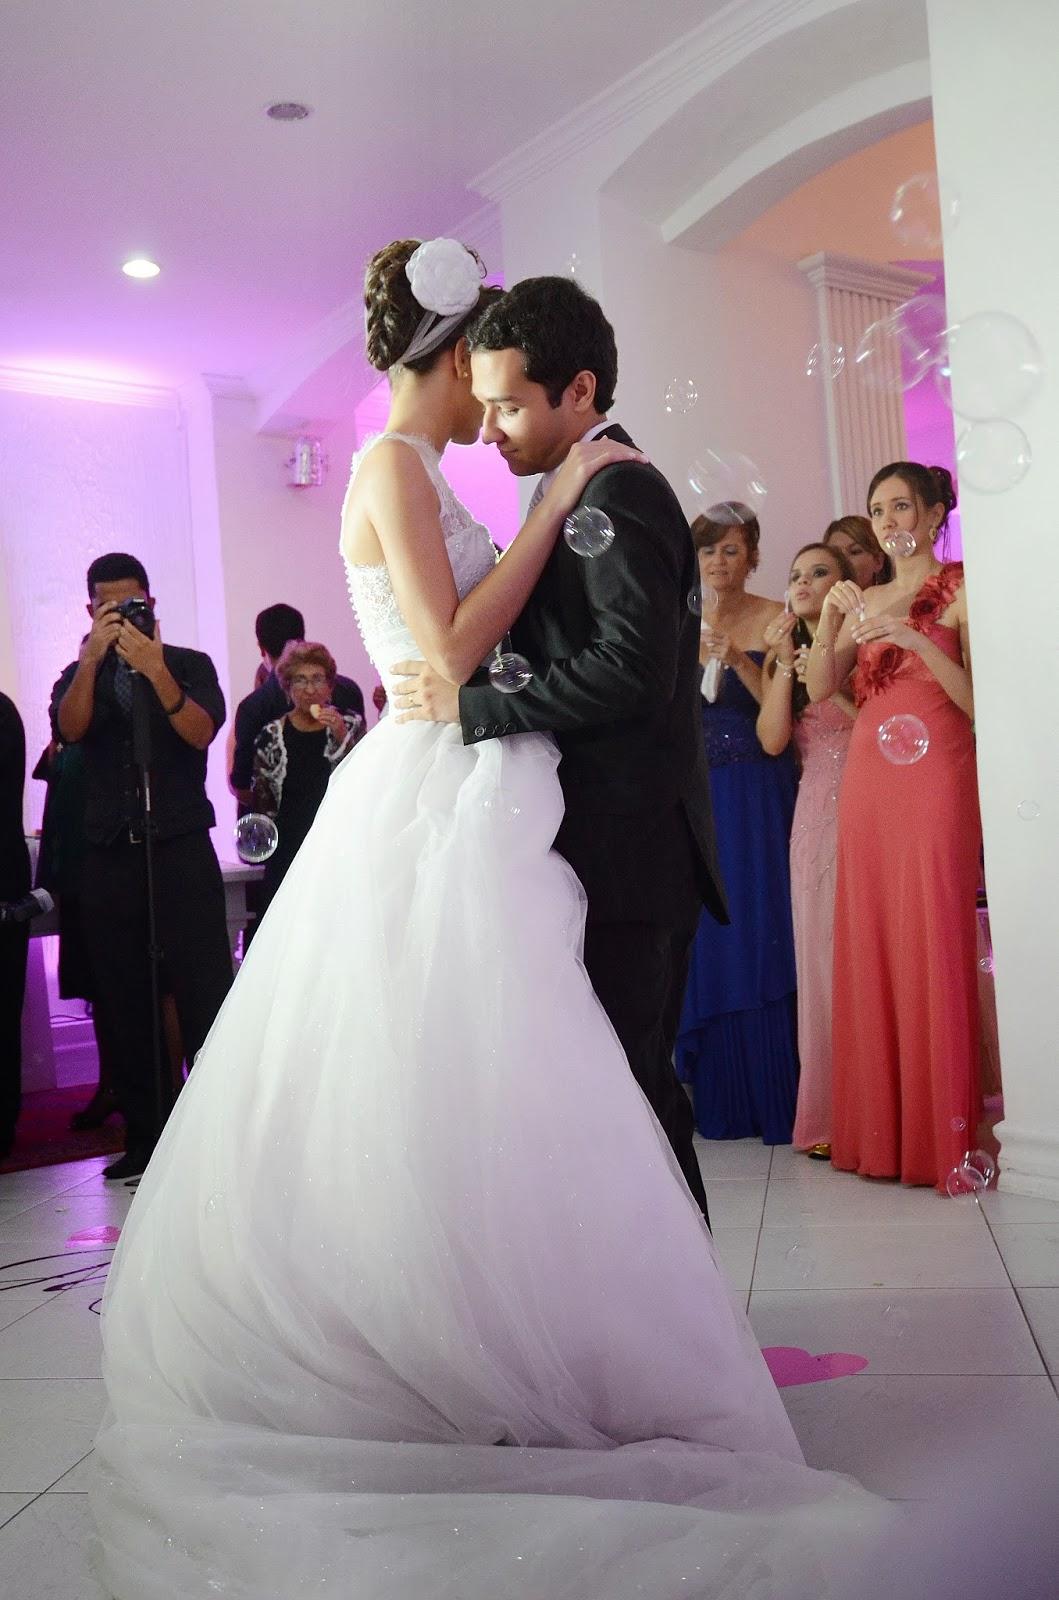 festa - recepção - noivos - primeira dança - primeira dança dos noivos - bolinhas de sabão - bolhas de sabão